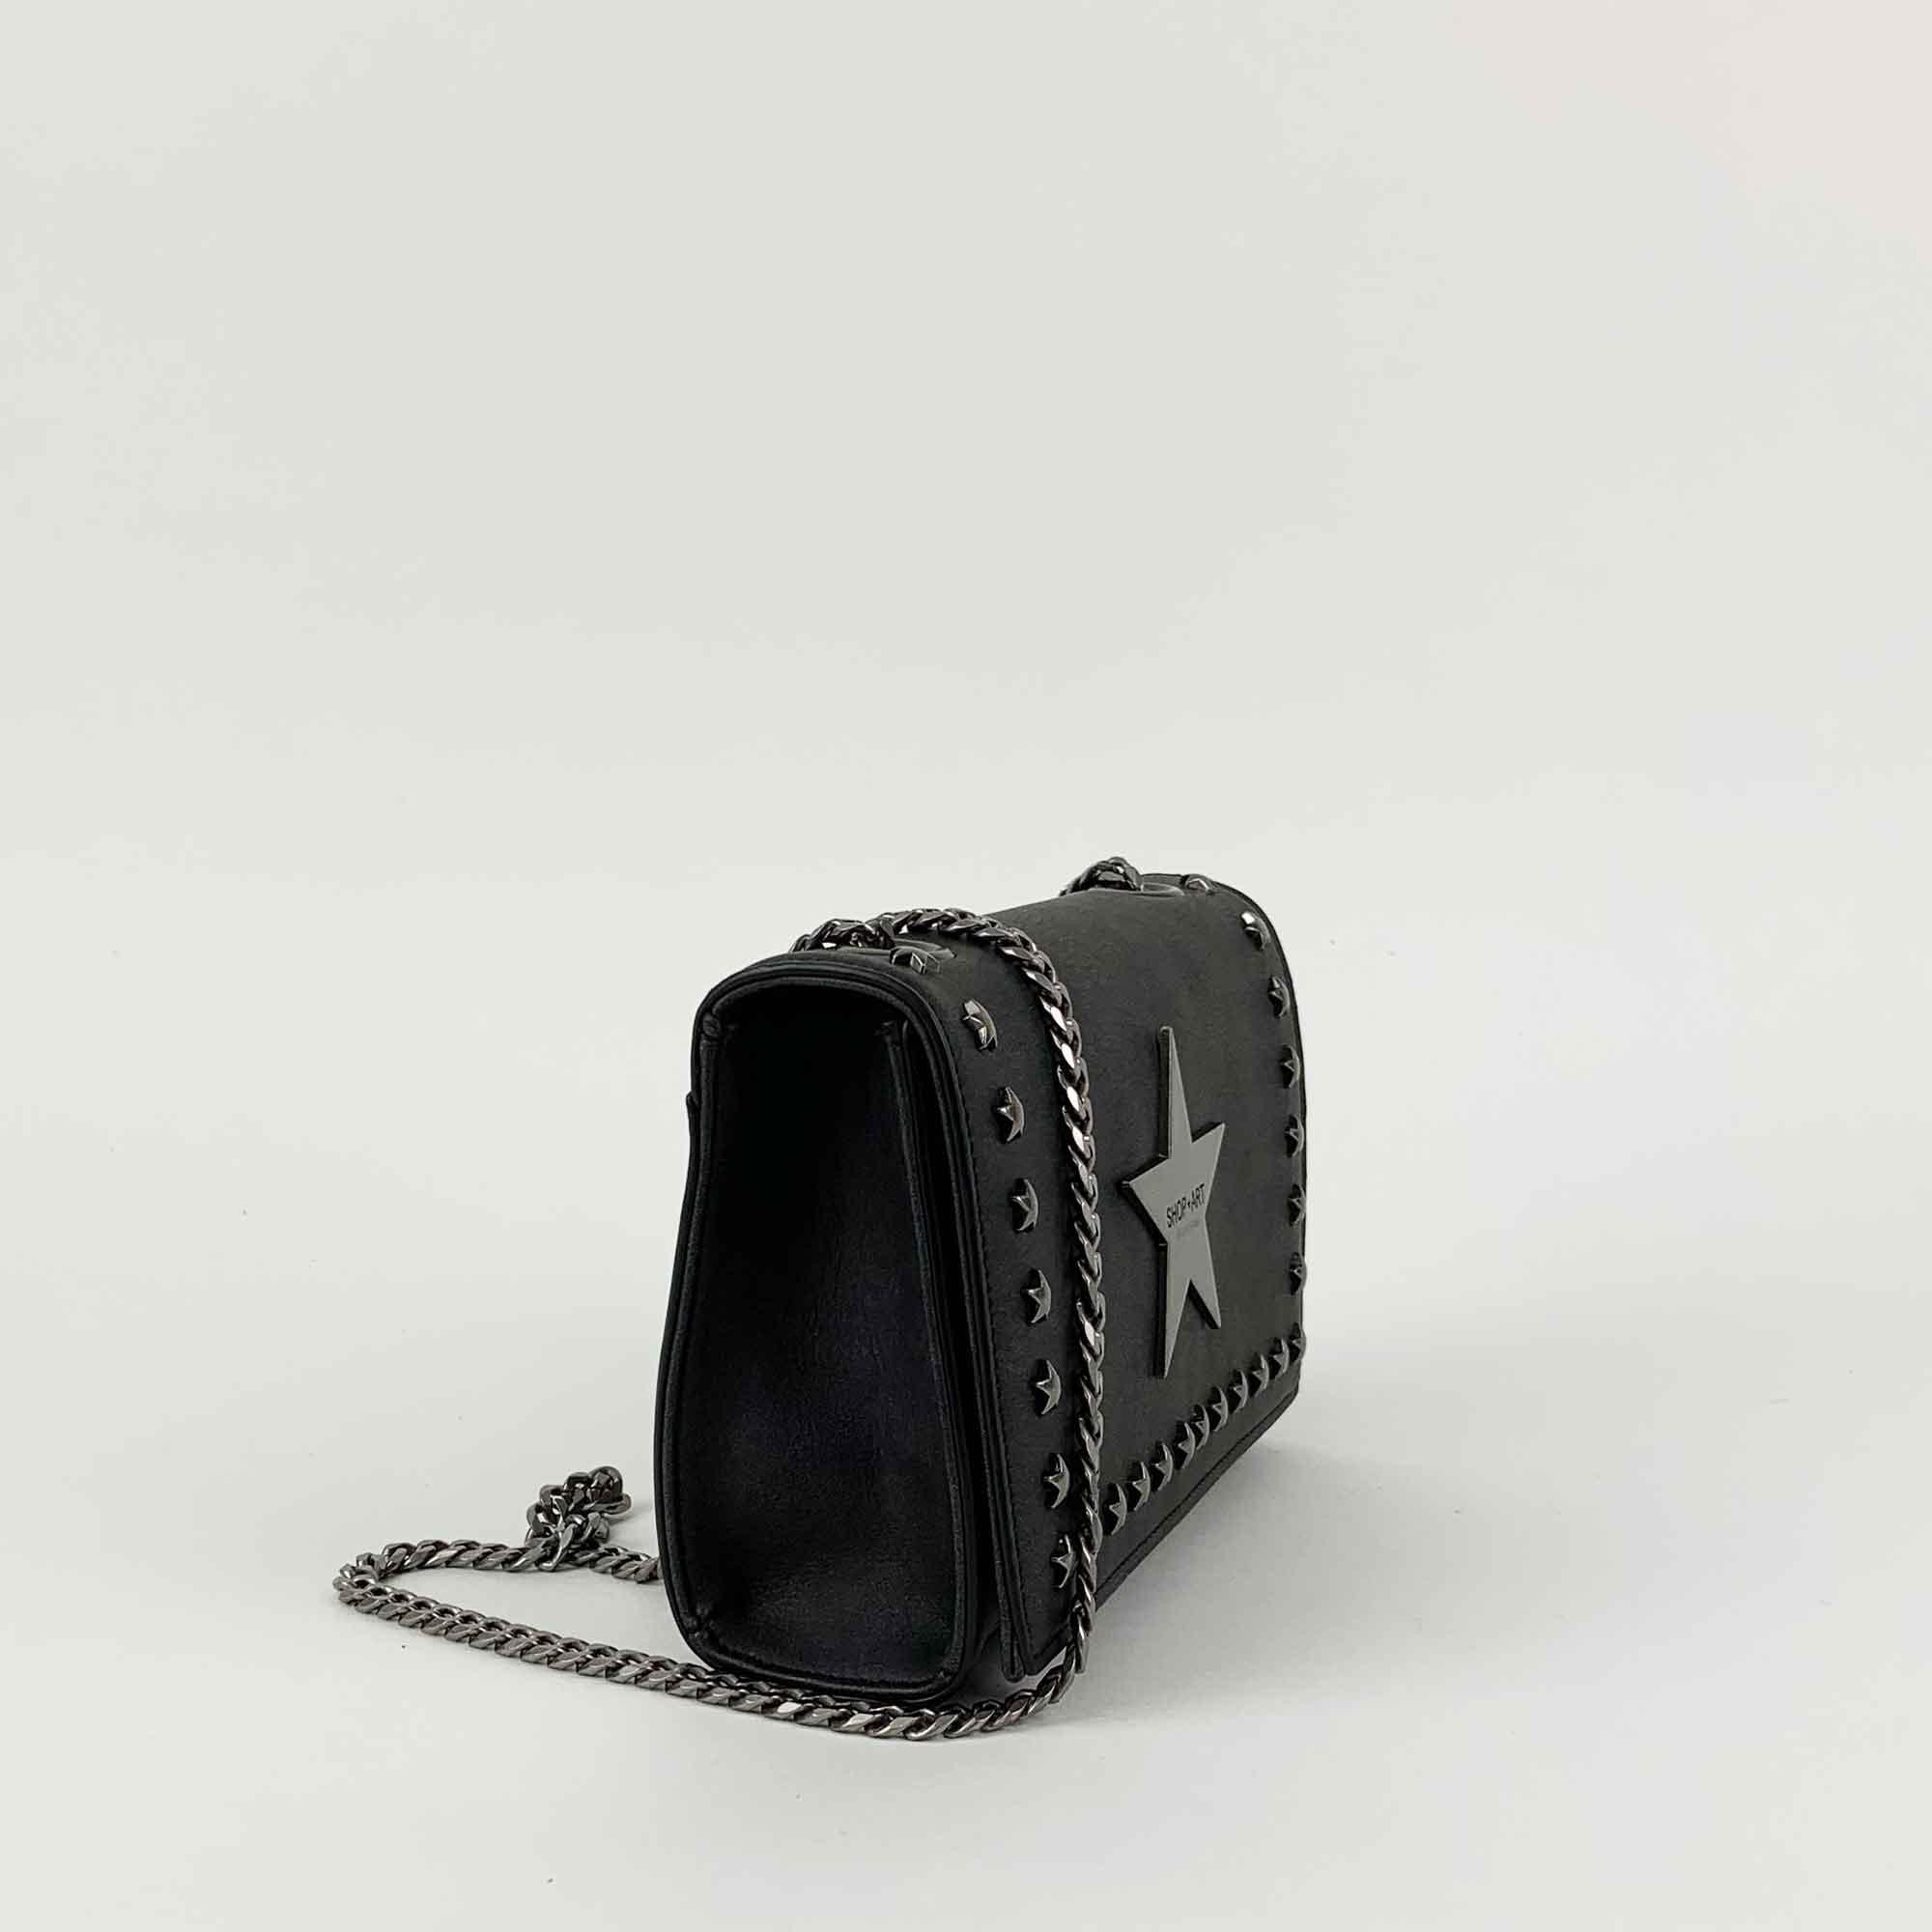 Tracolla piccola con borchie - Nero